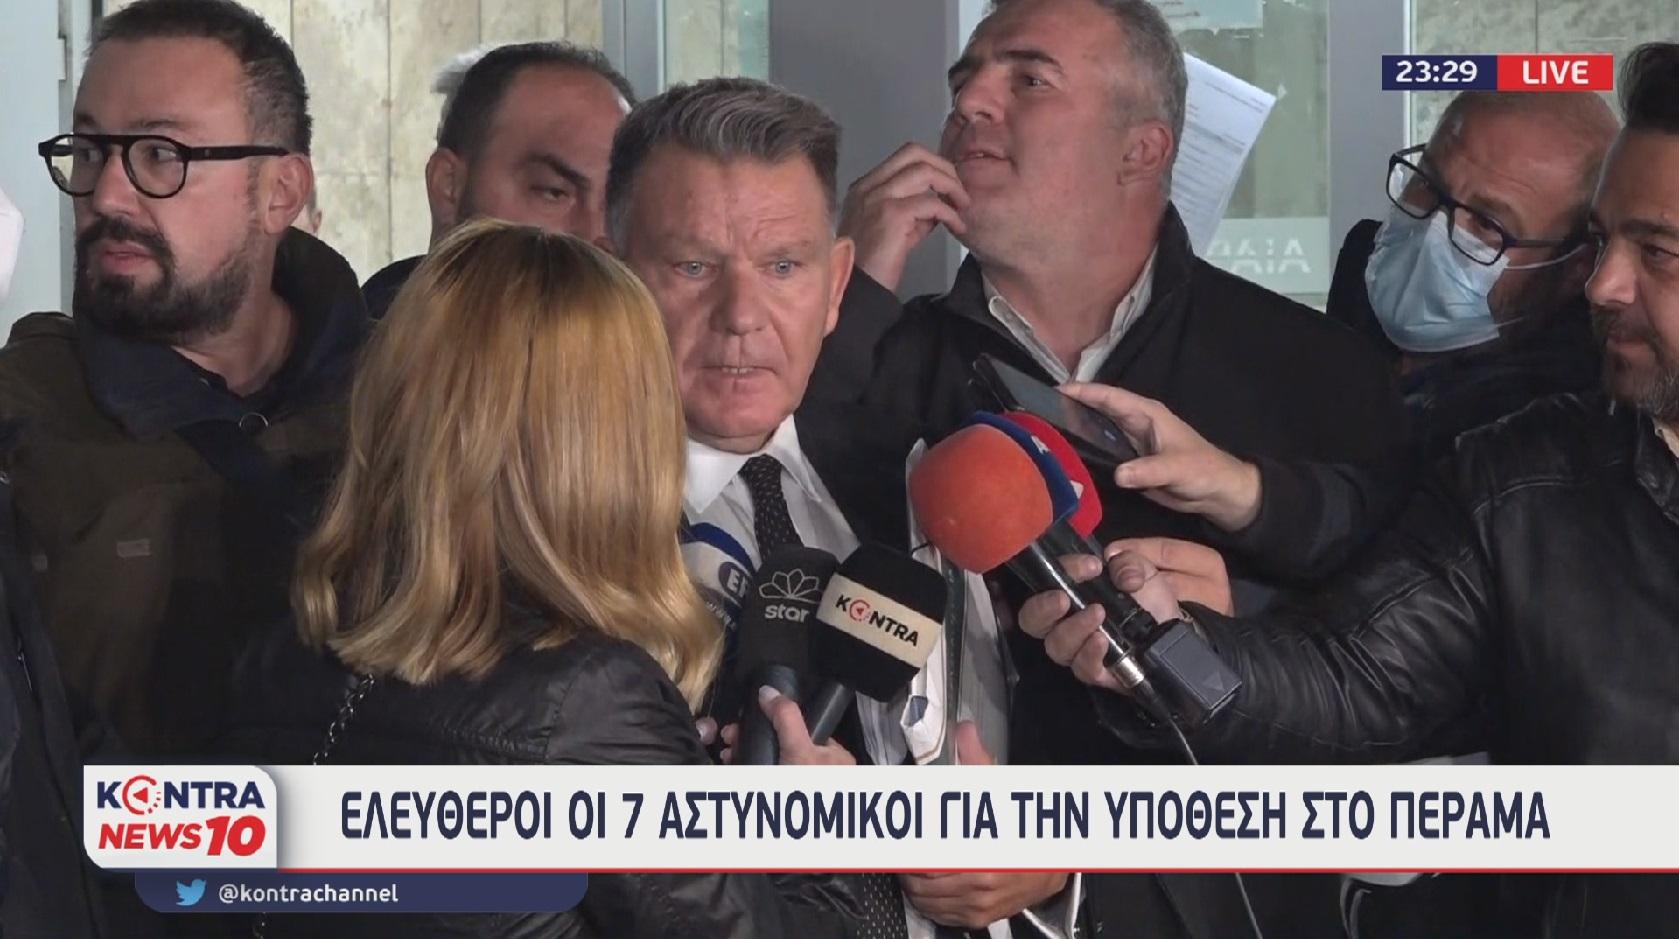 """Λύγισε ο Αλέξης Κούγιας: """"Είμαι συγκινημένος. Τα παιδιά αυτά των 800 ευρώ με σύμφωνη γνώμη Εισαγγελέα κι Ανακριτή είναι ελεύθερα"""" (Βίντεο)"""